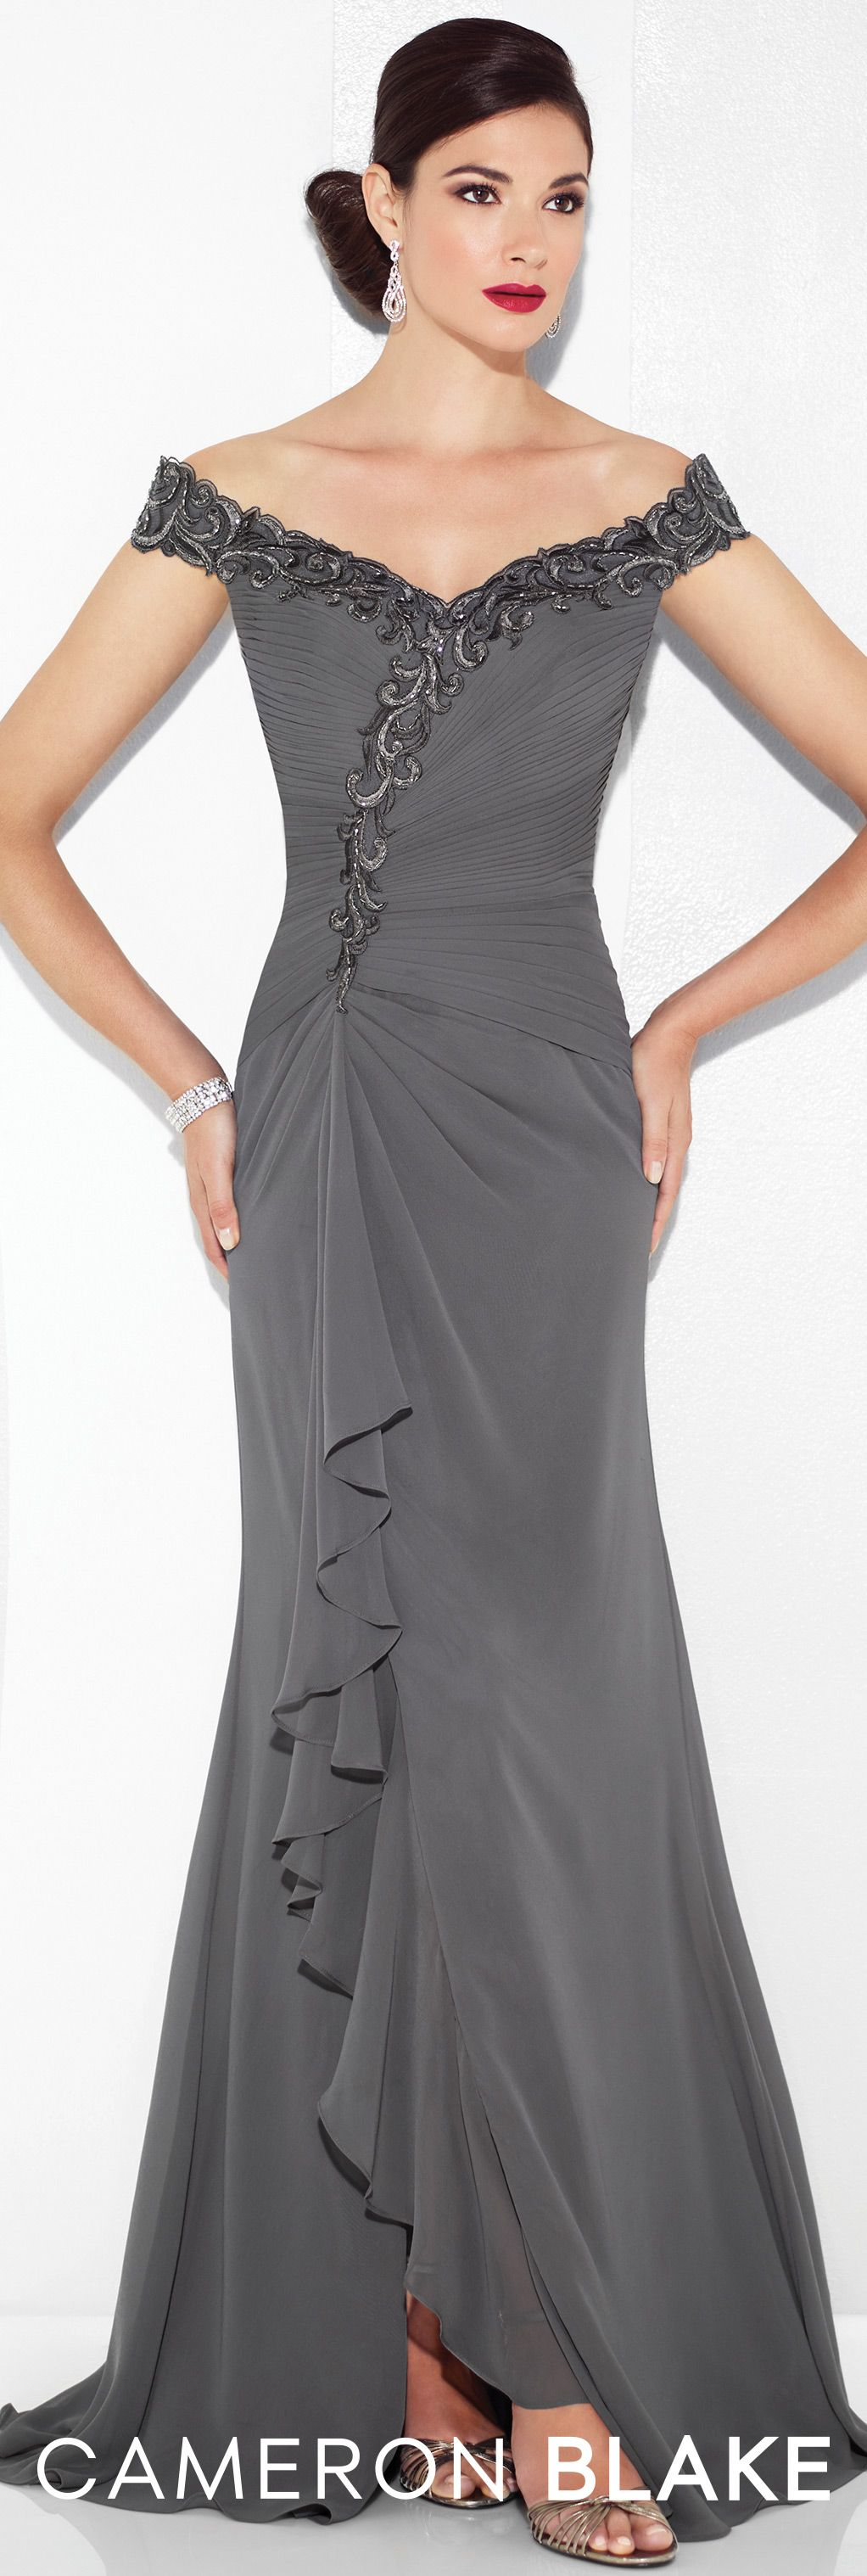 Cameron Blake - Evening Dresses - 117602 | Evening Dresses ...